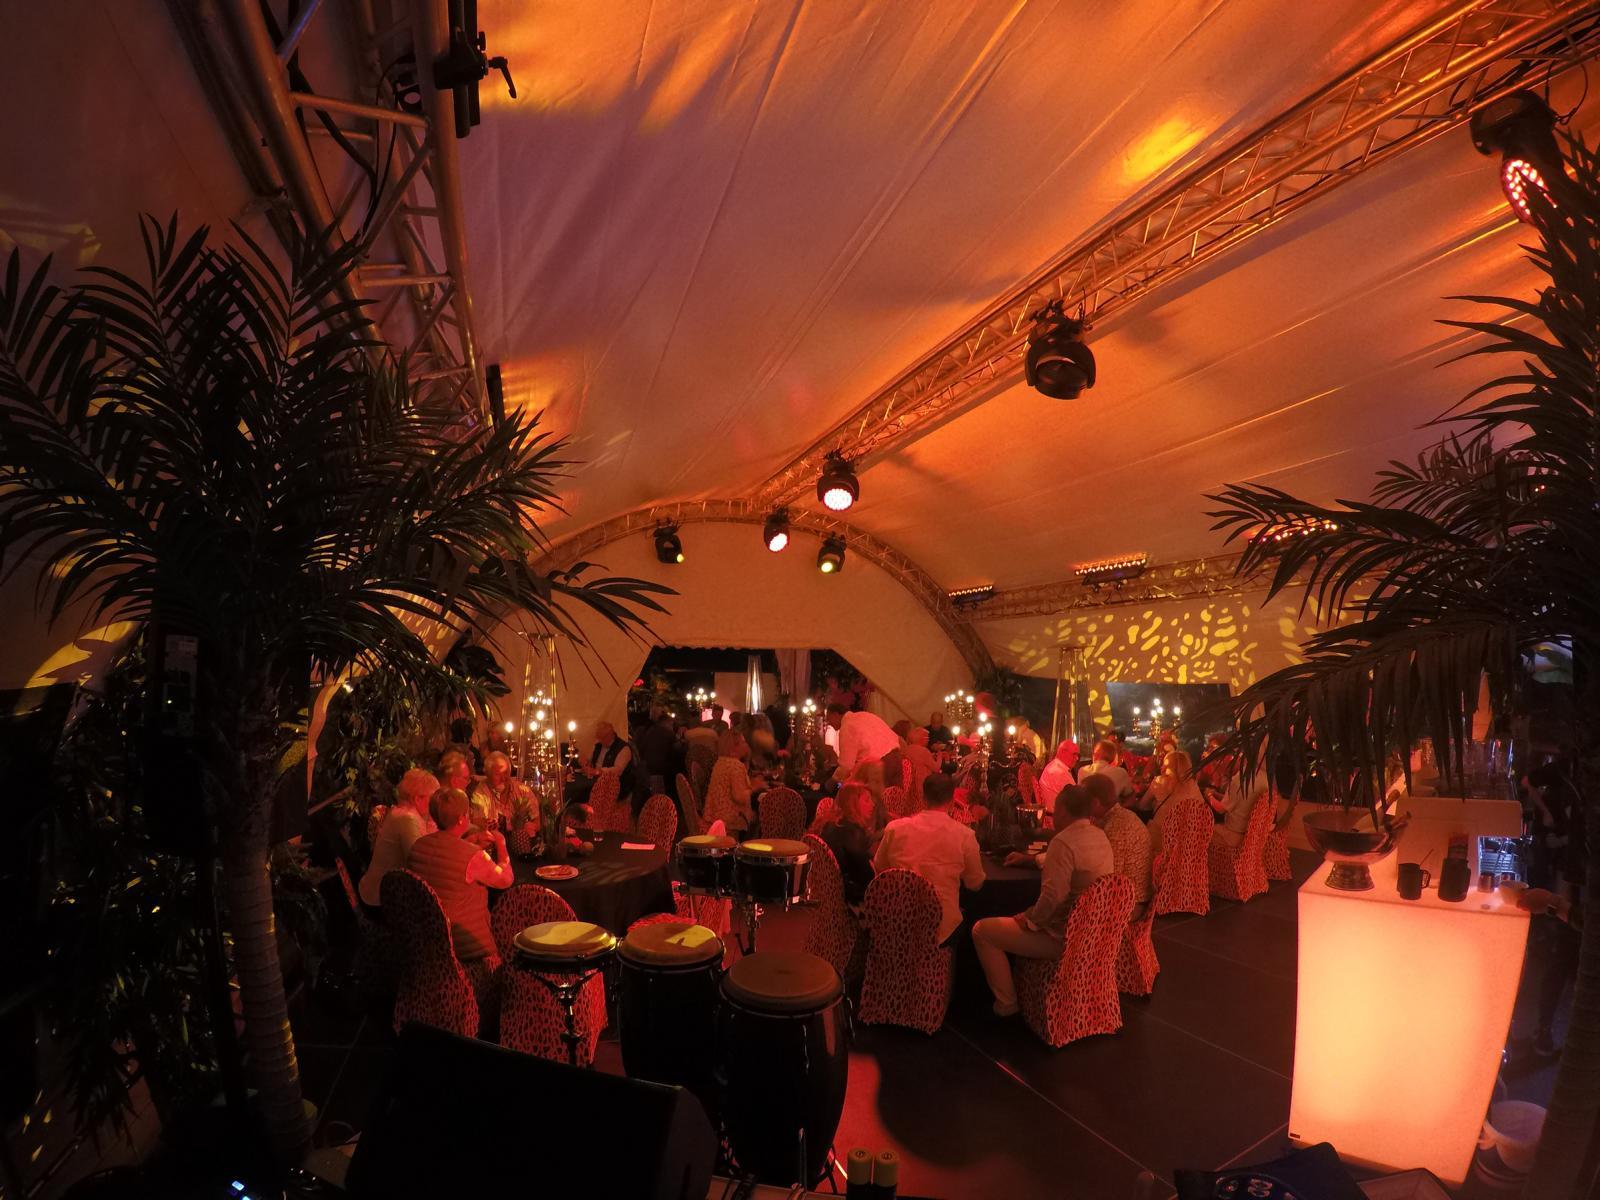 Geburtstag im Garten - Die Stimmung am Abend im Zelt.